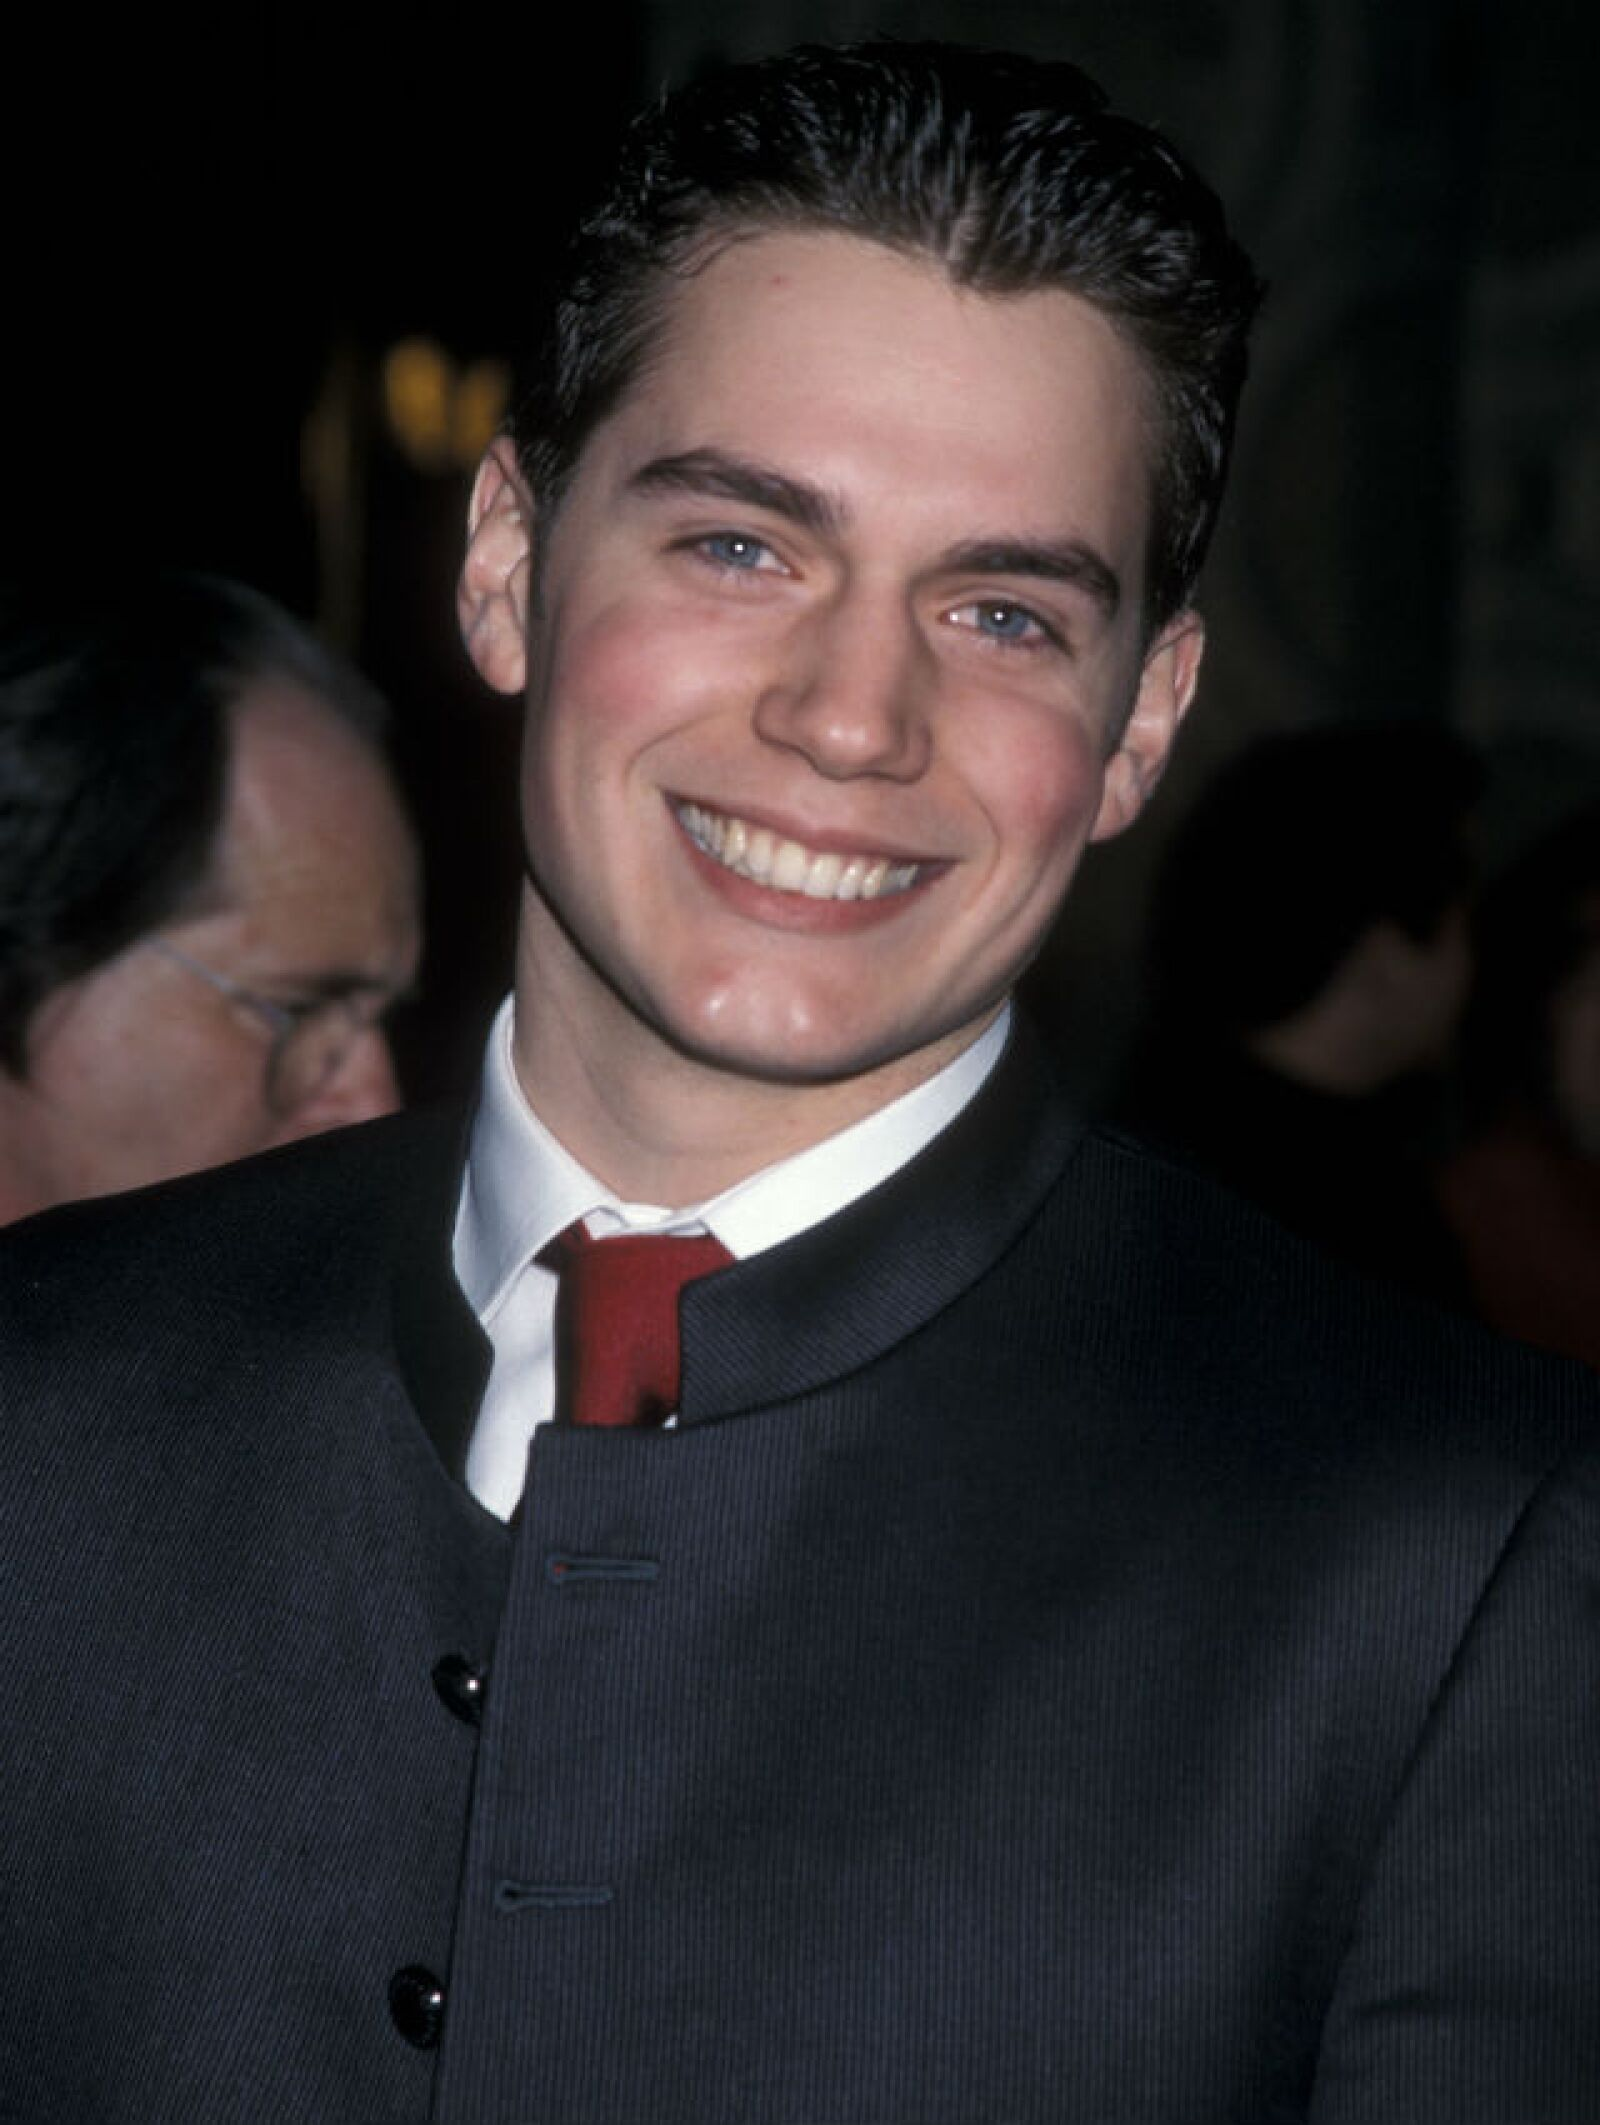 Un muy joven Henry Cavill en la premiere de Monte Cristo en 2002.